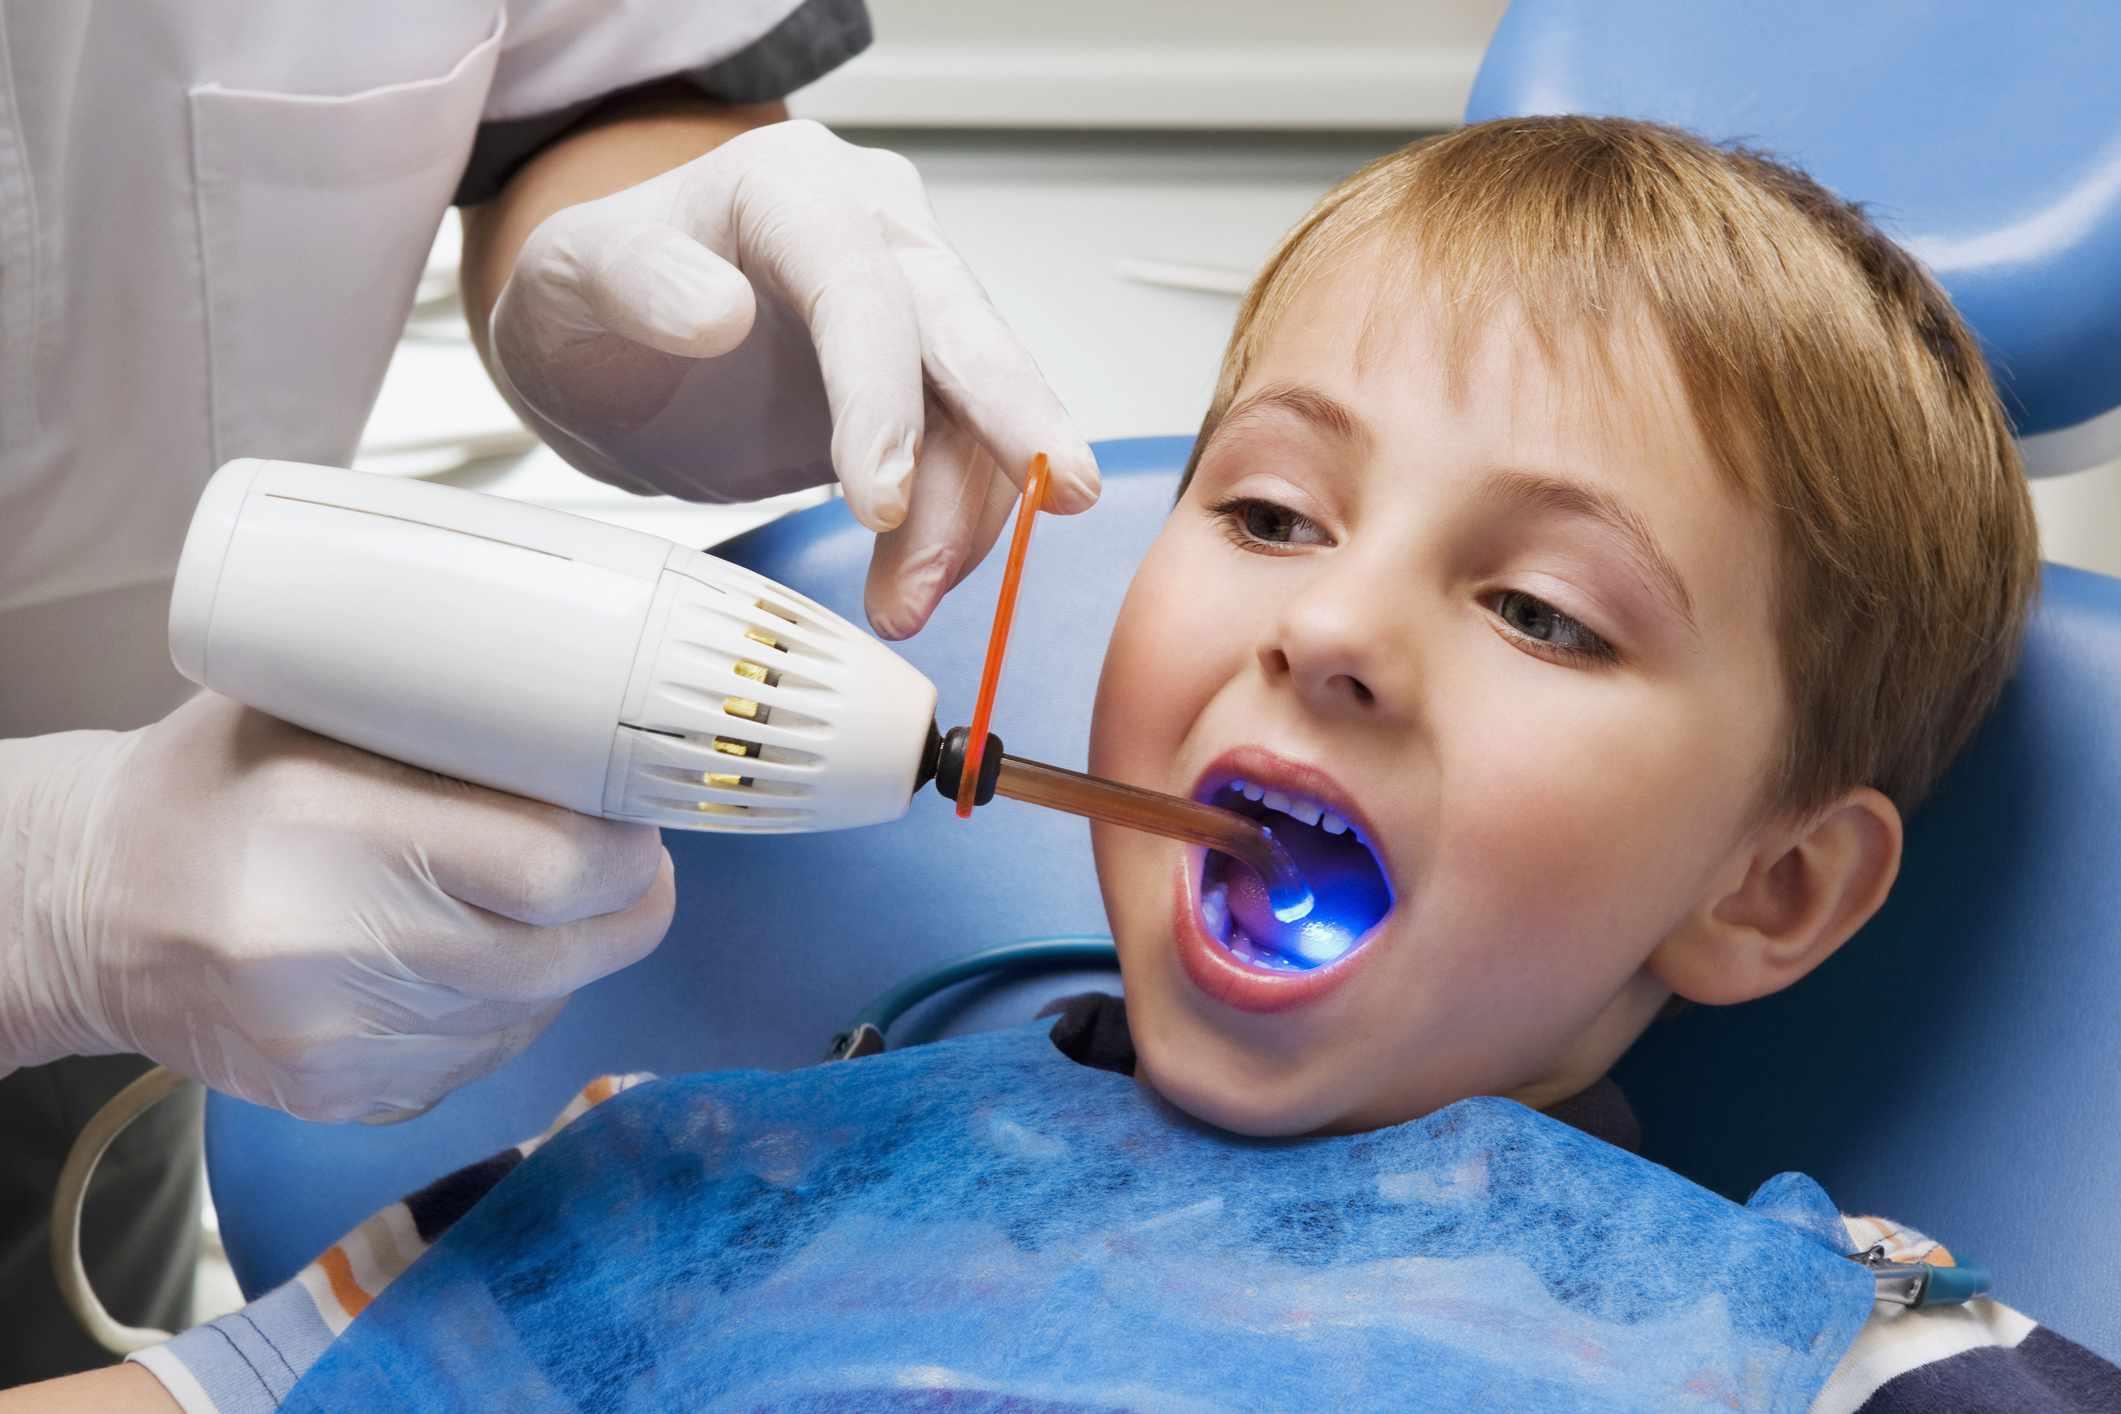 A dentist examining a boy's teeth